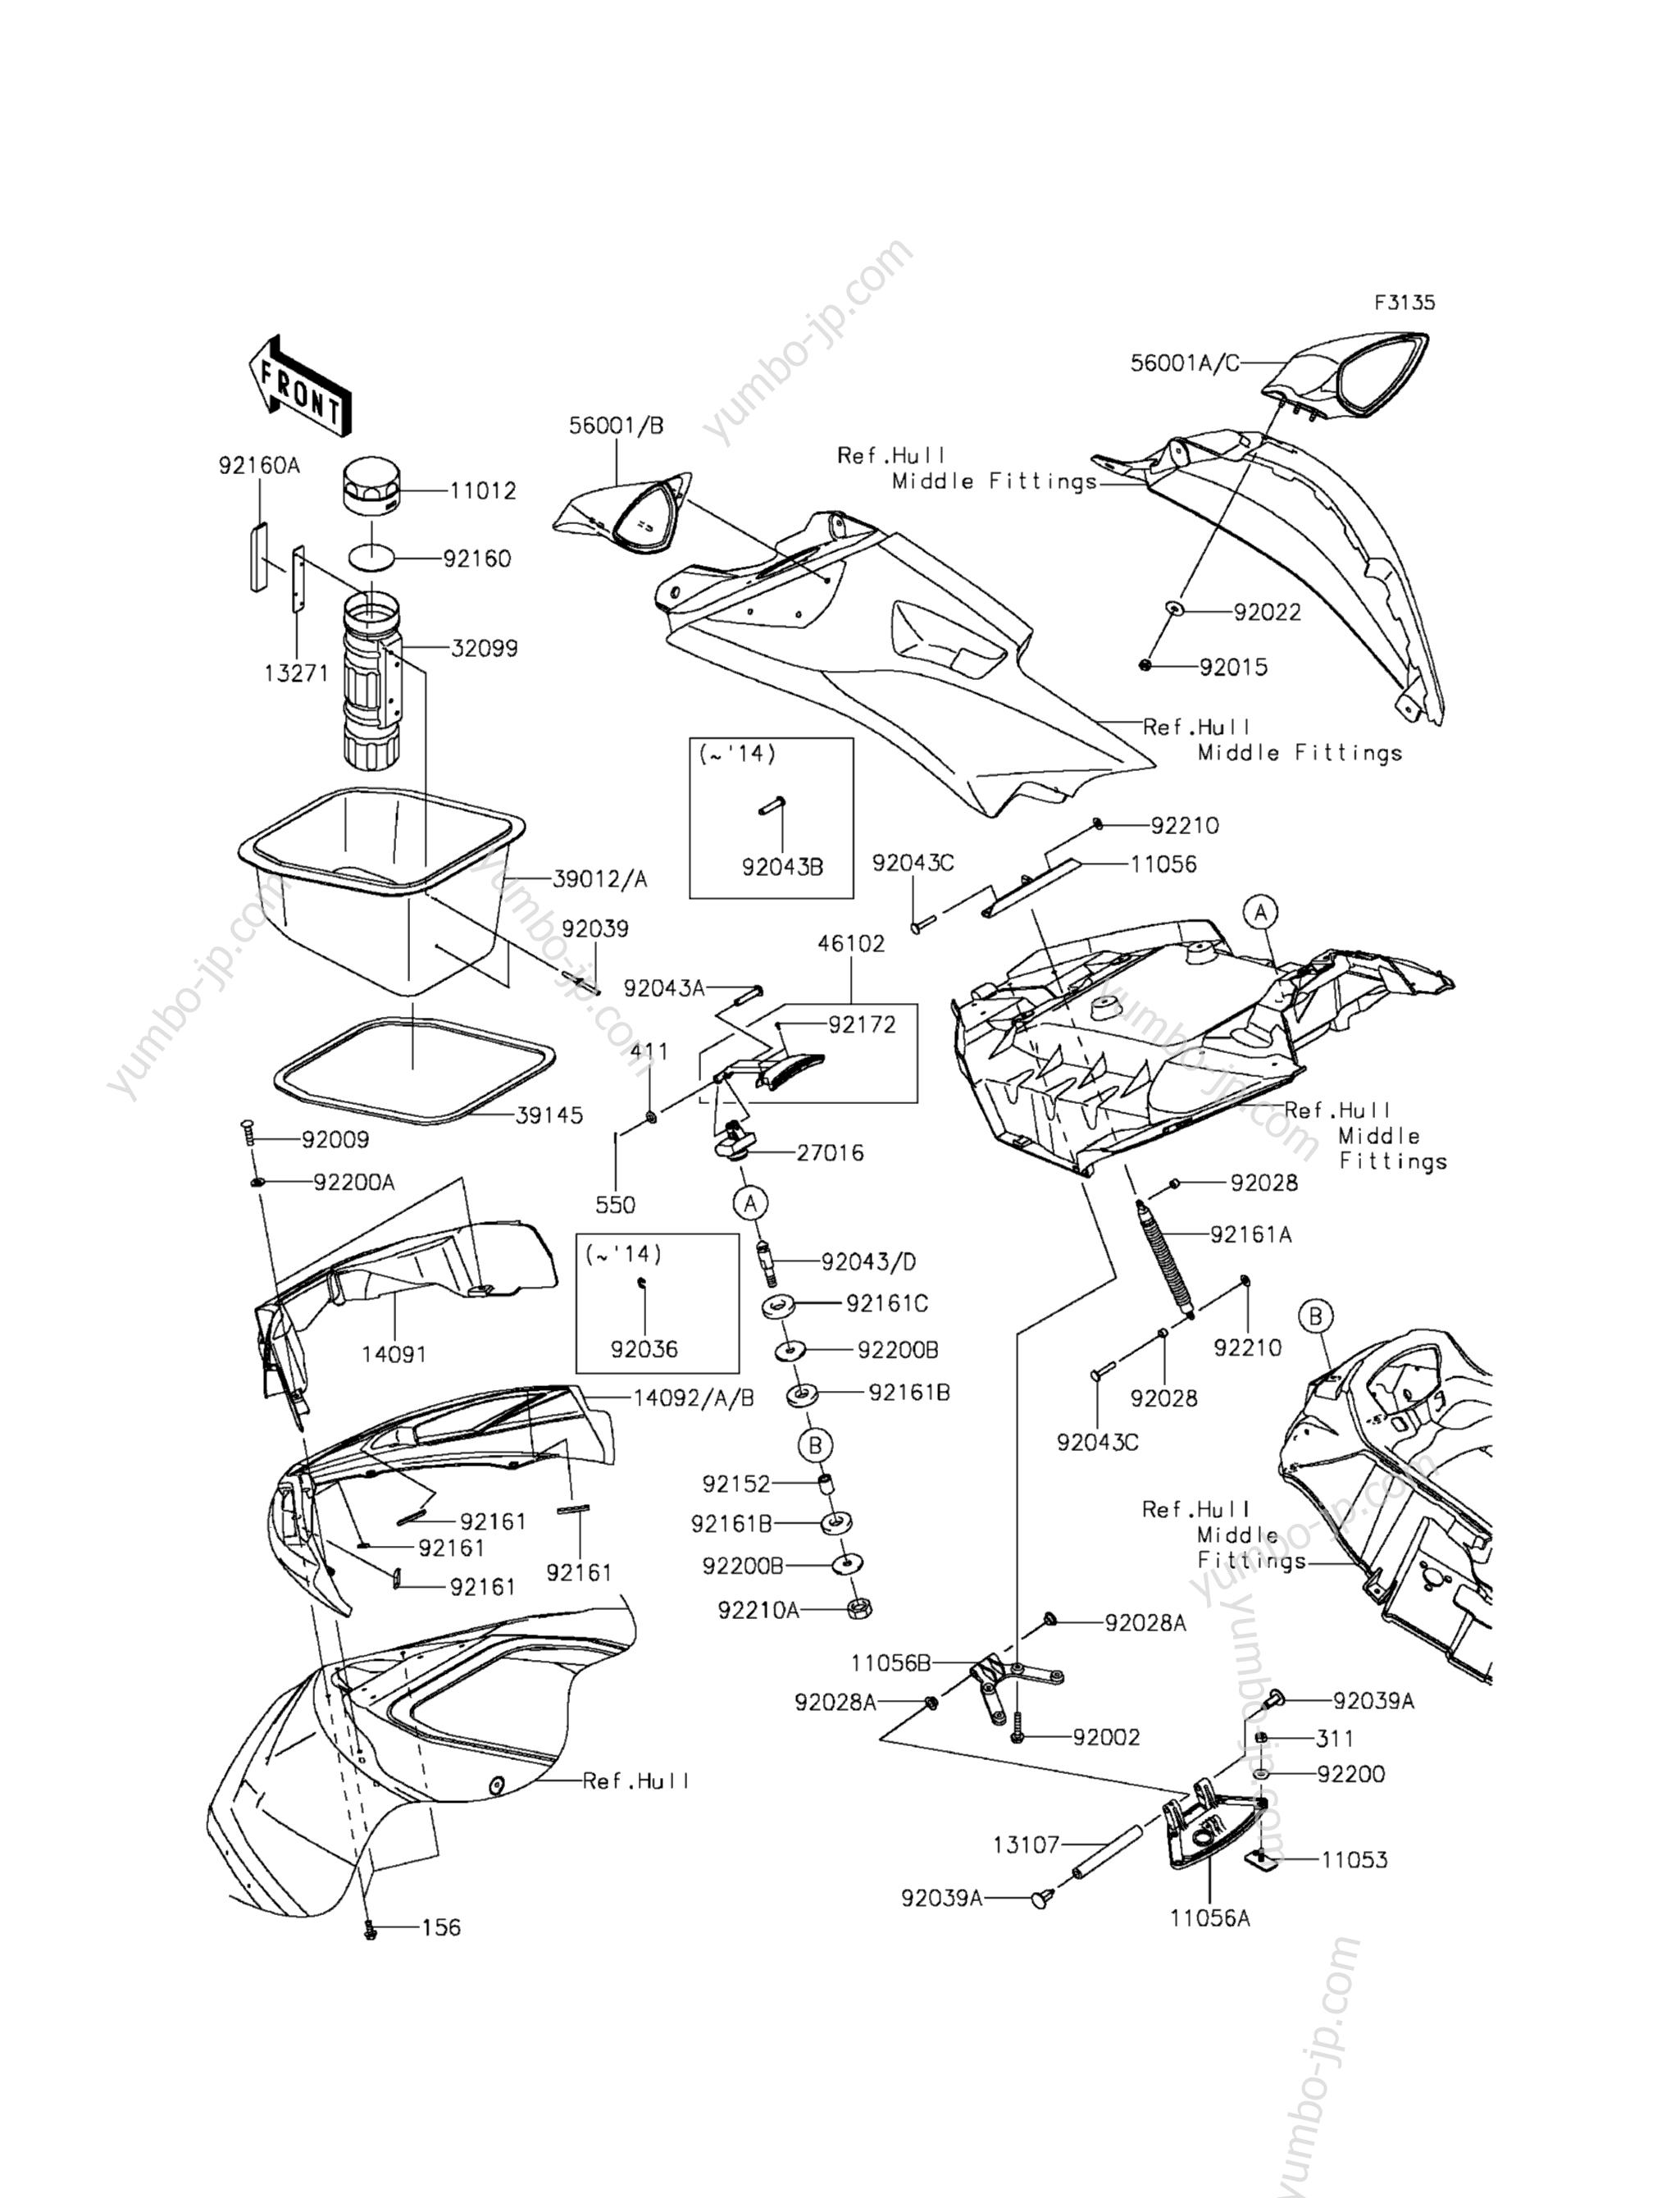 Hull Front Fittings для гидроцикла KAWASAKI JET SKI ULTRA LX (JT1500KFF) 2015 г.